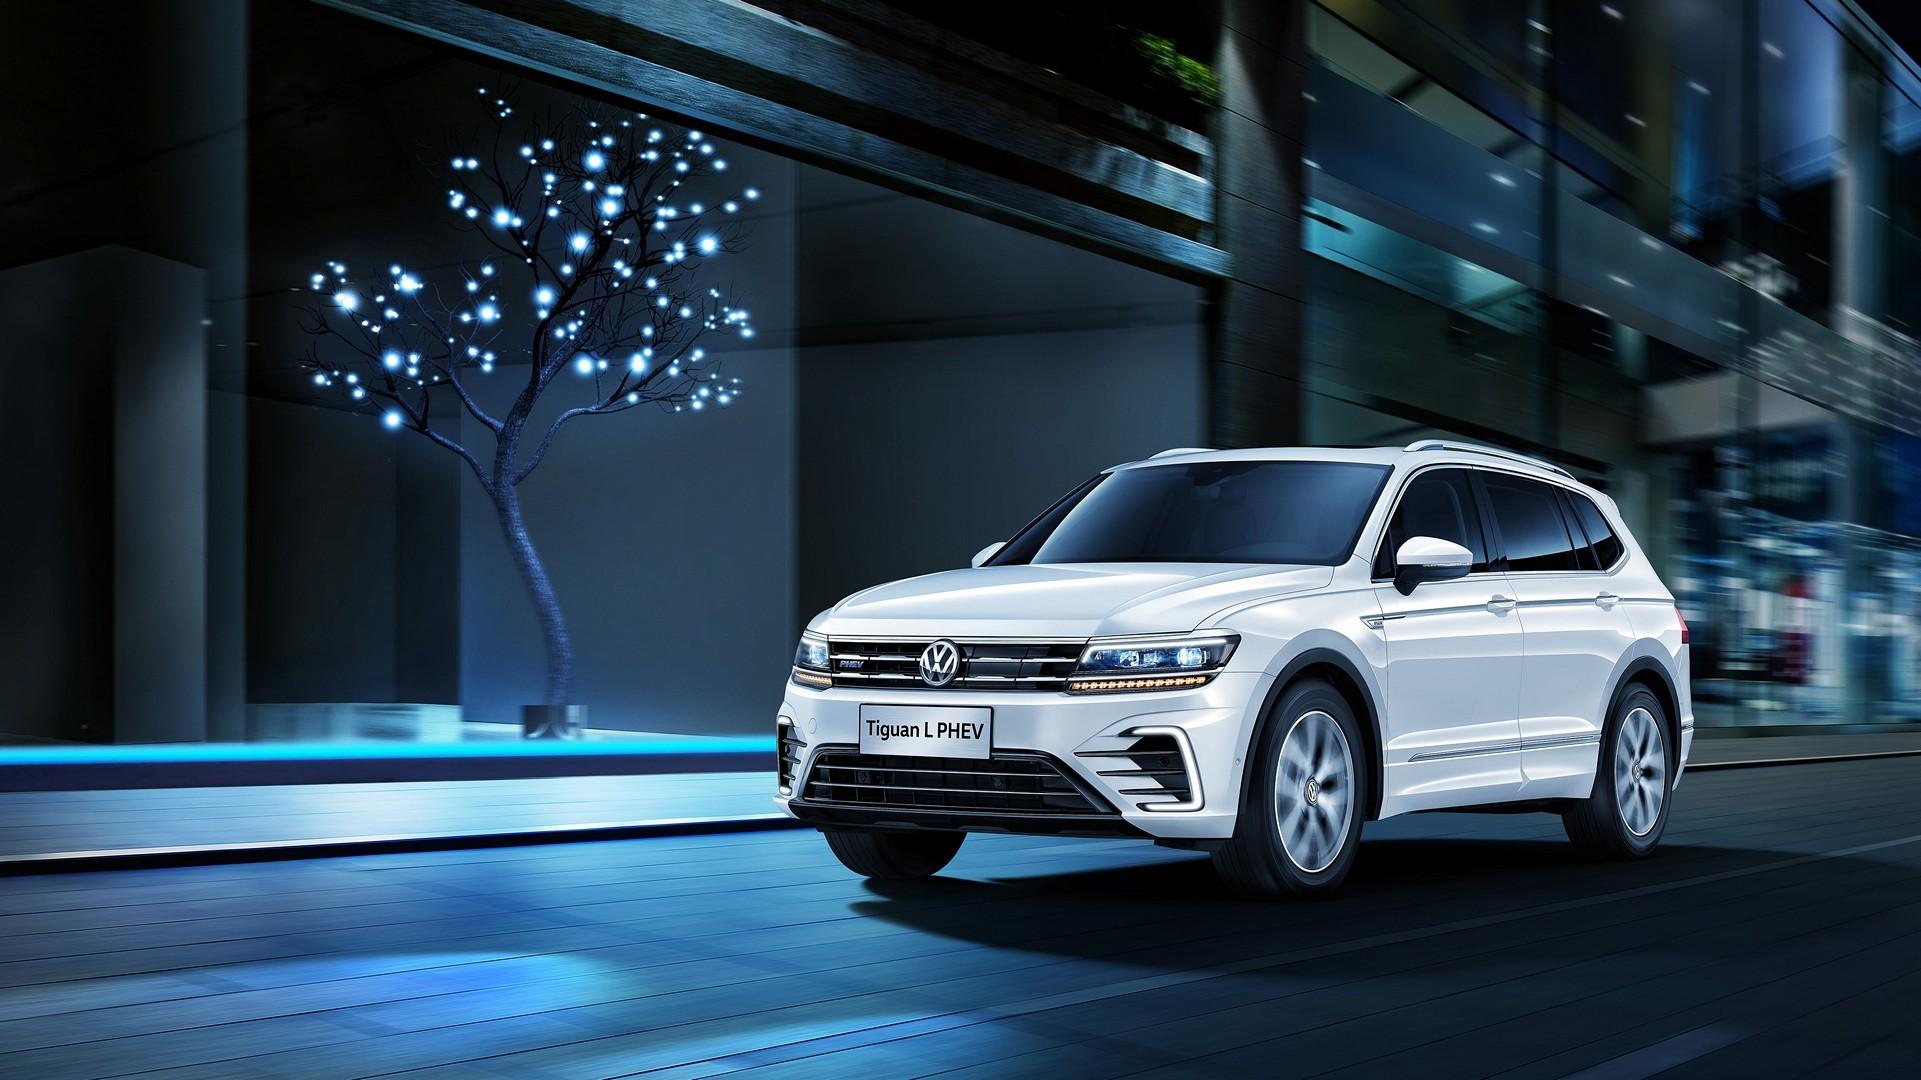 Volkswagen_Tiguan_PHEV_0011